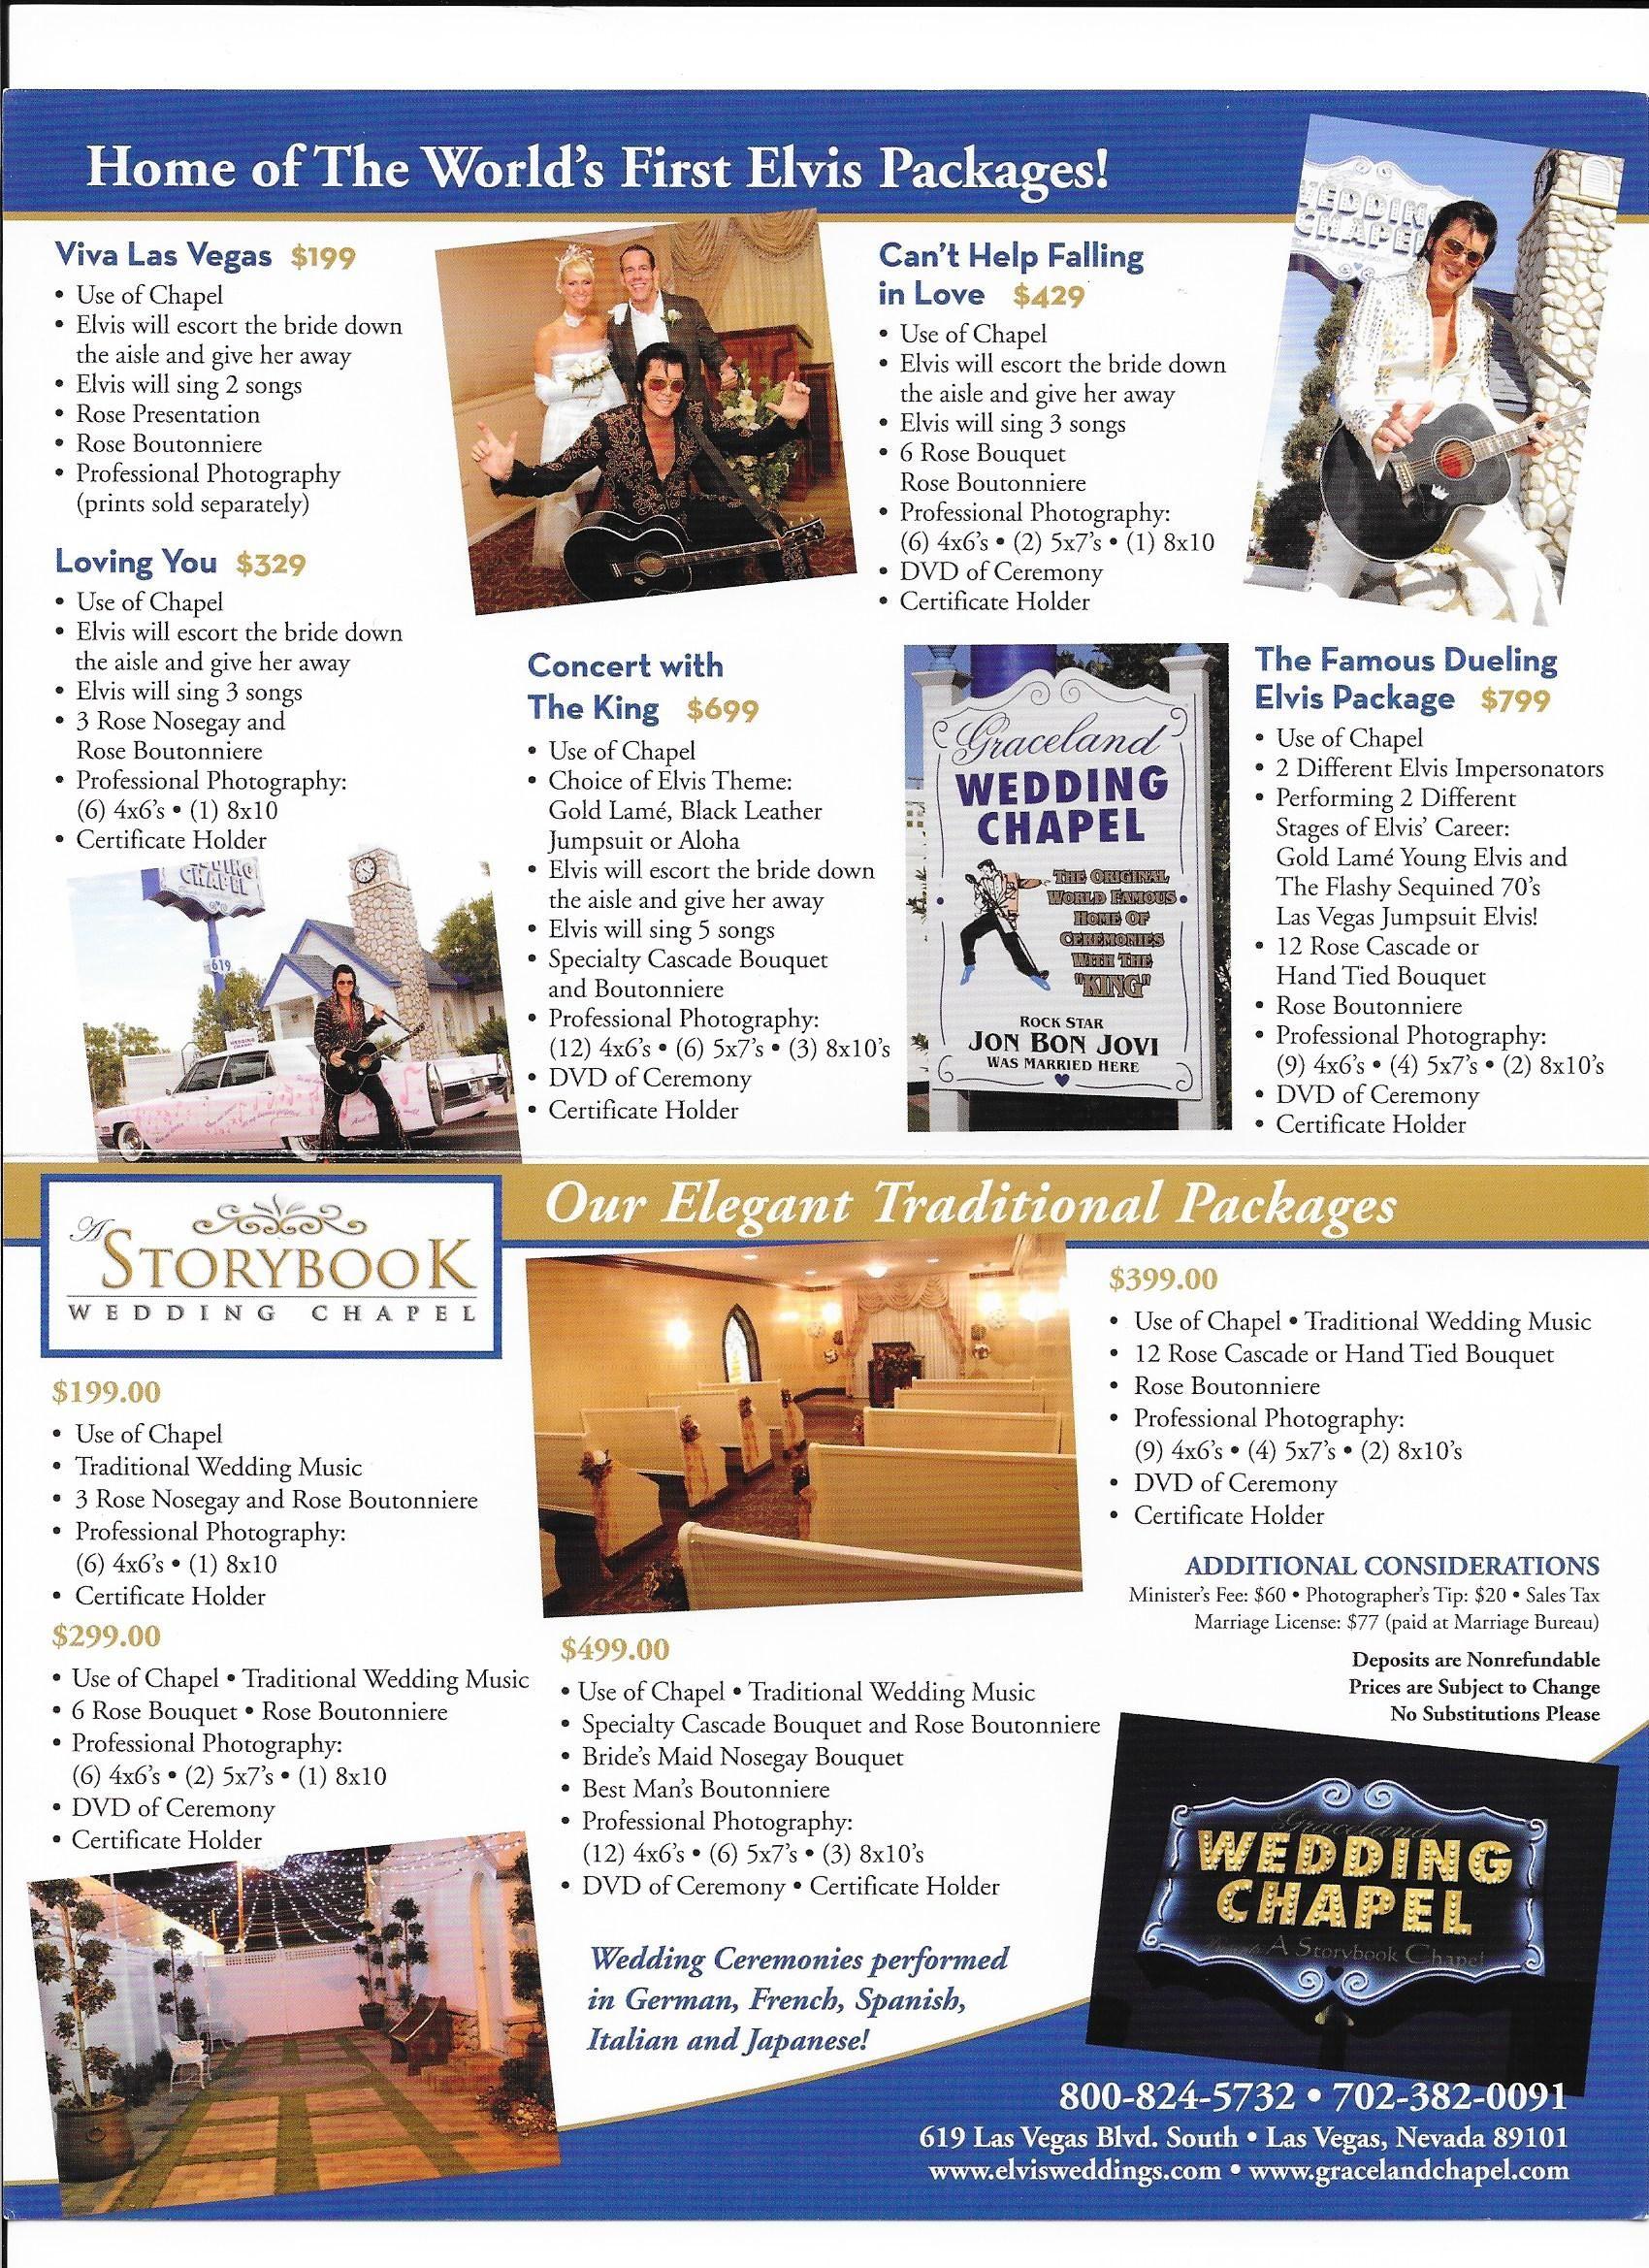 Graceland Wedding Chapel - Wedding Brochure   Las Vegas   Pinterest ...